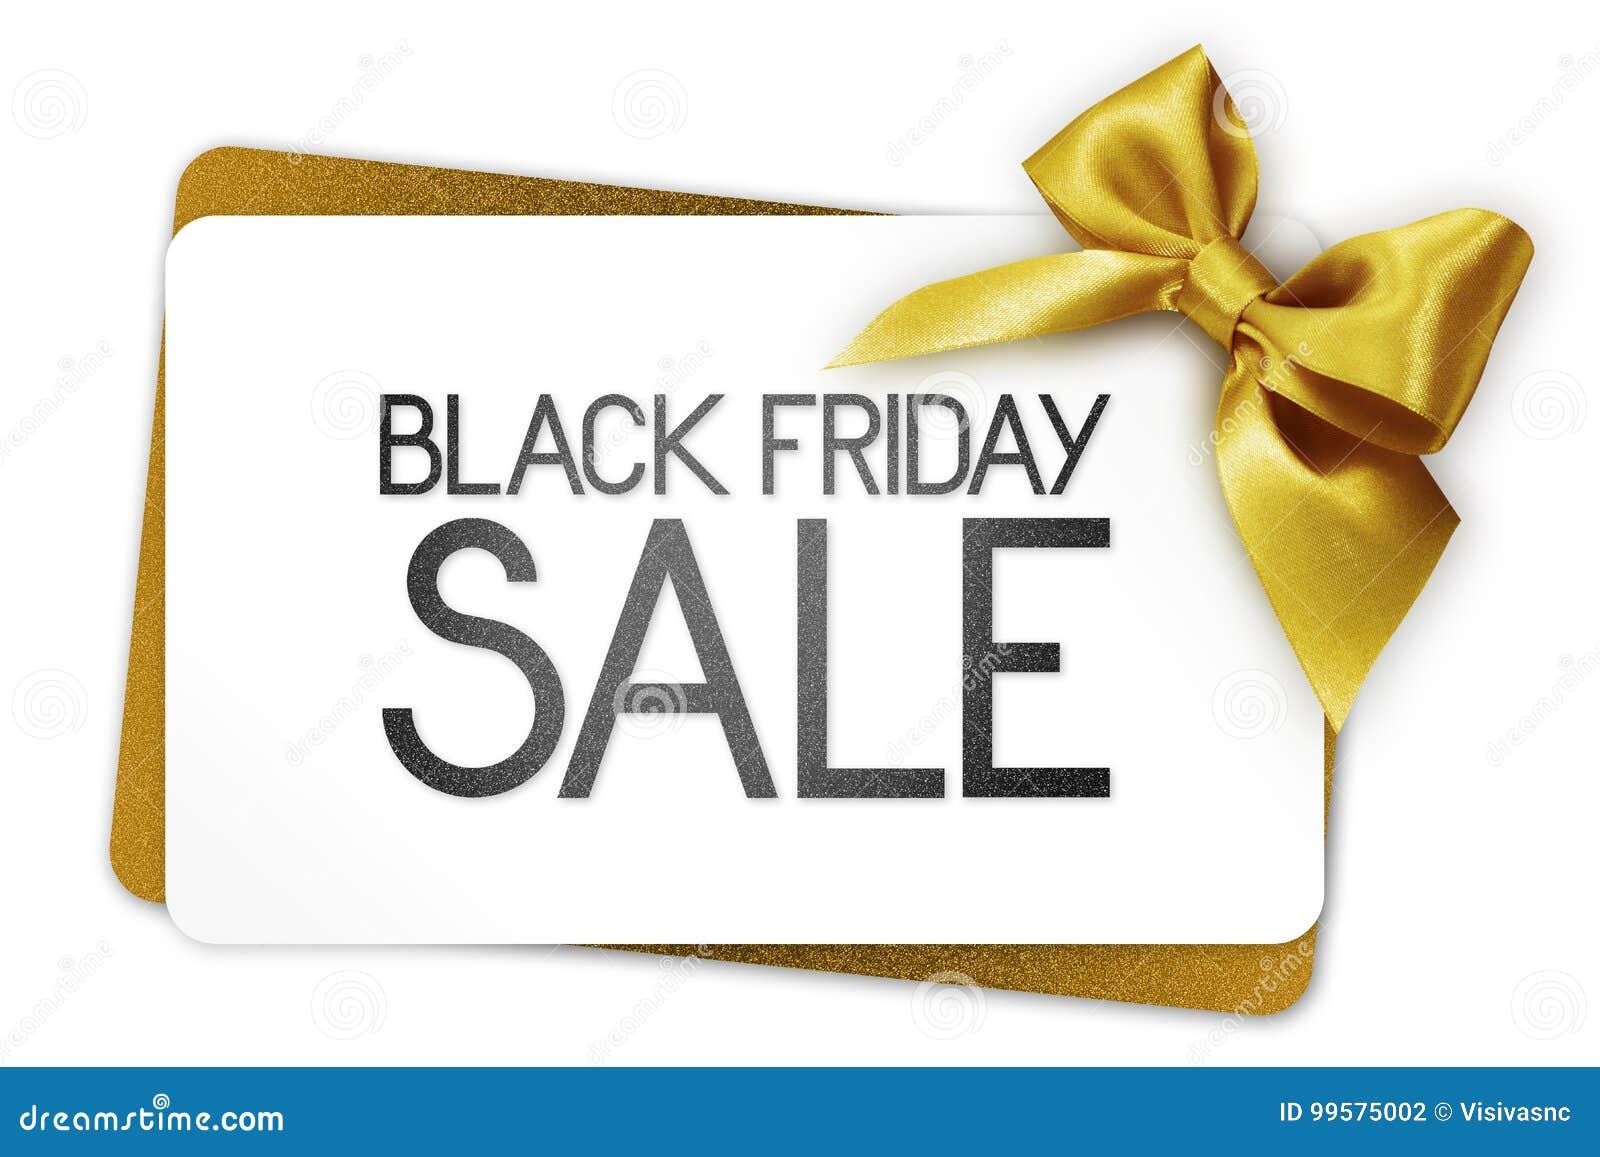 Black Friday försäljningstext skriver på det vita gåvakortet med guld- ribb